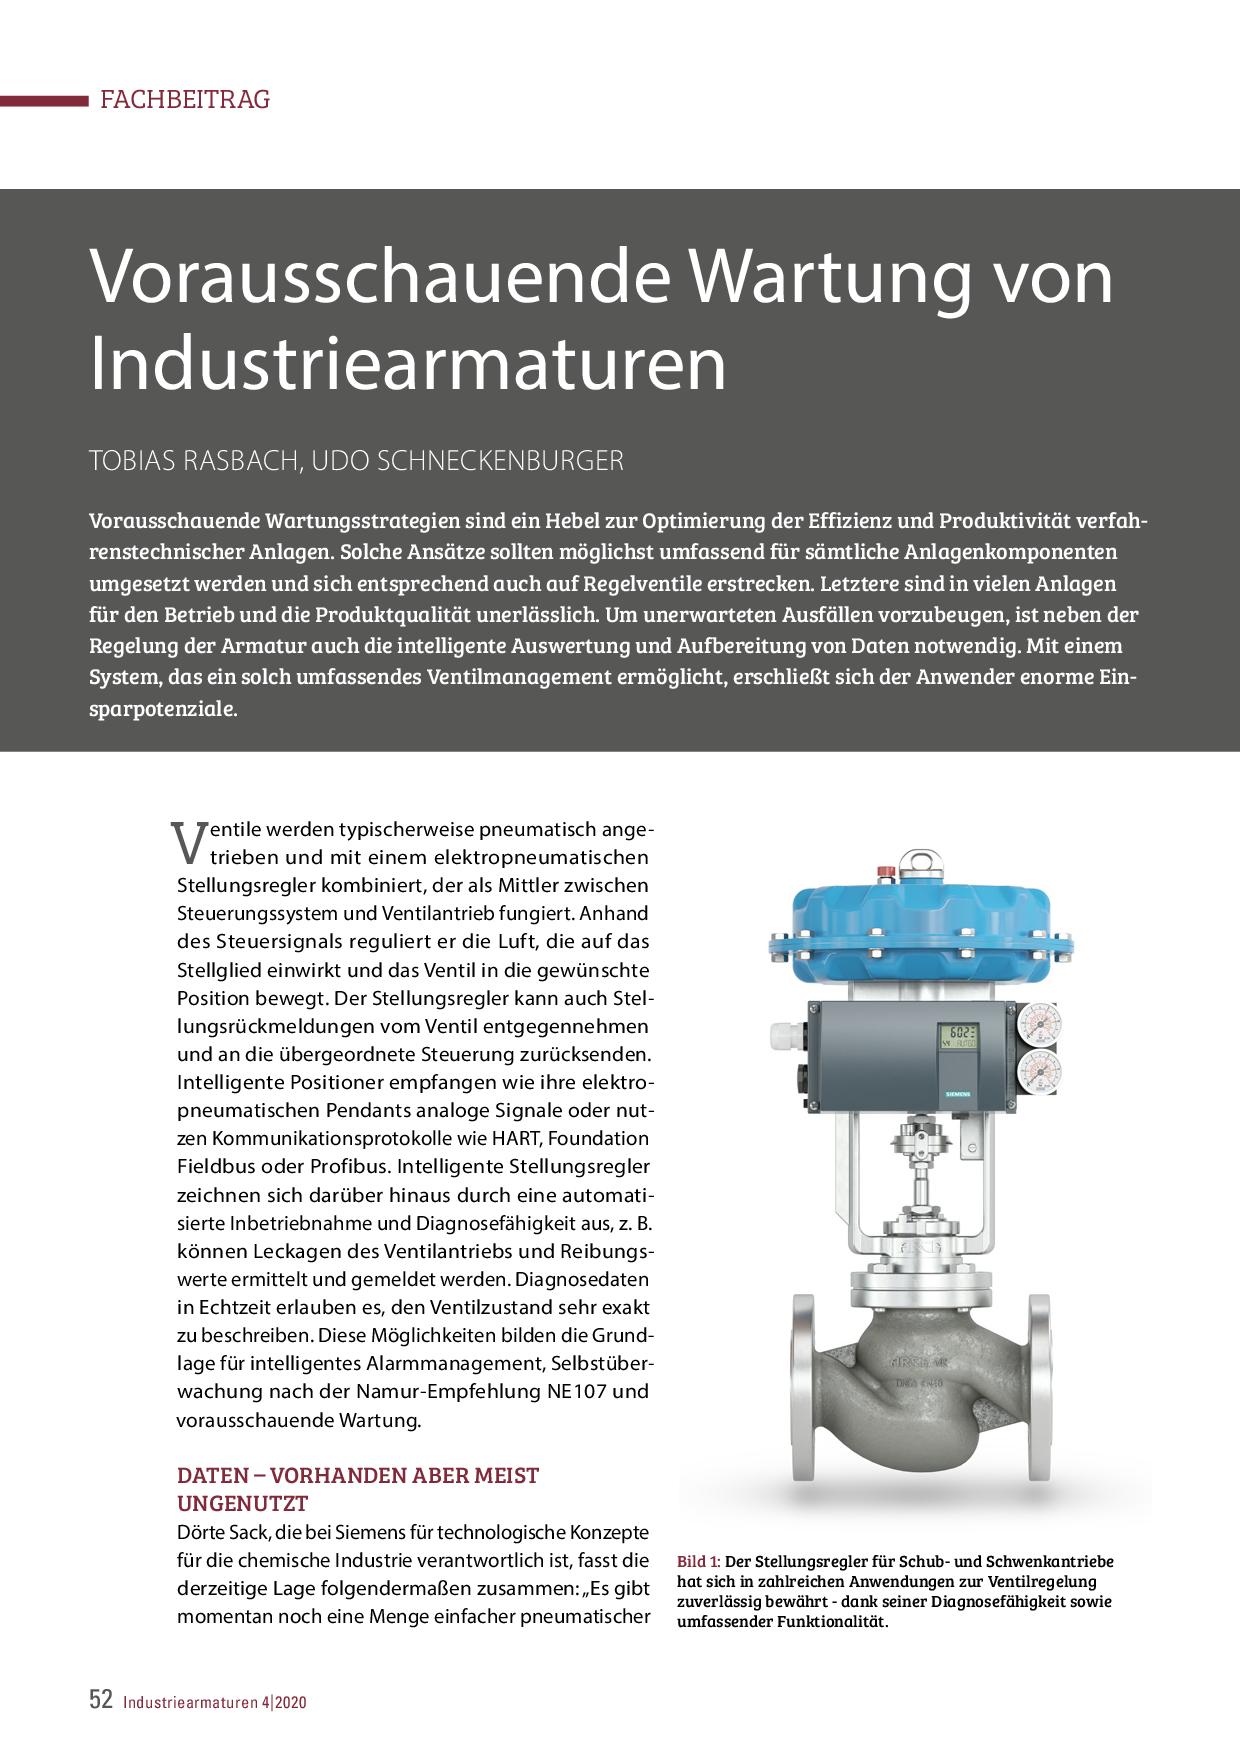 Vorausschauende Wartung von Industriearmaturen